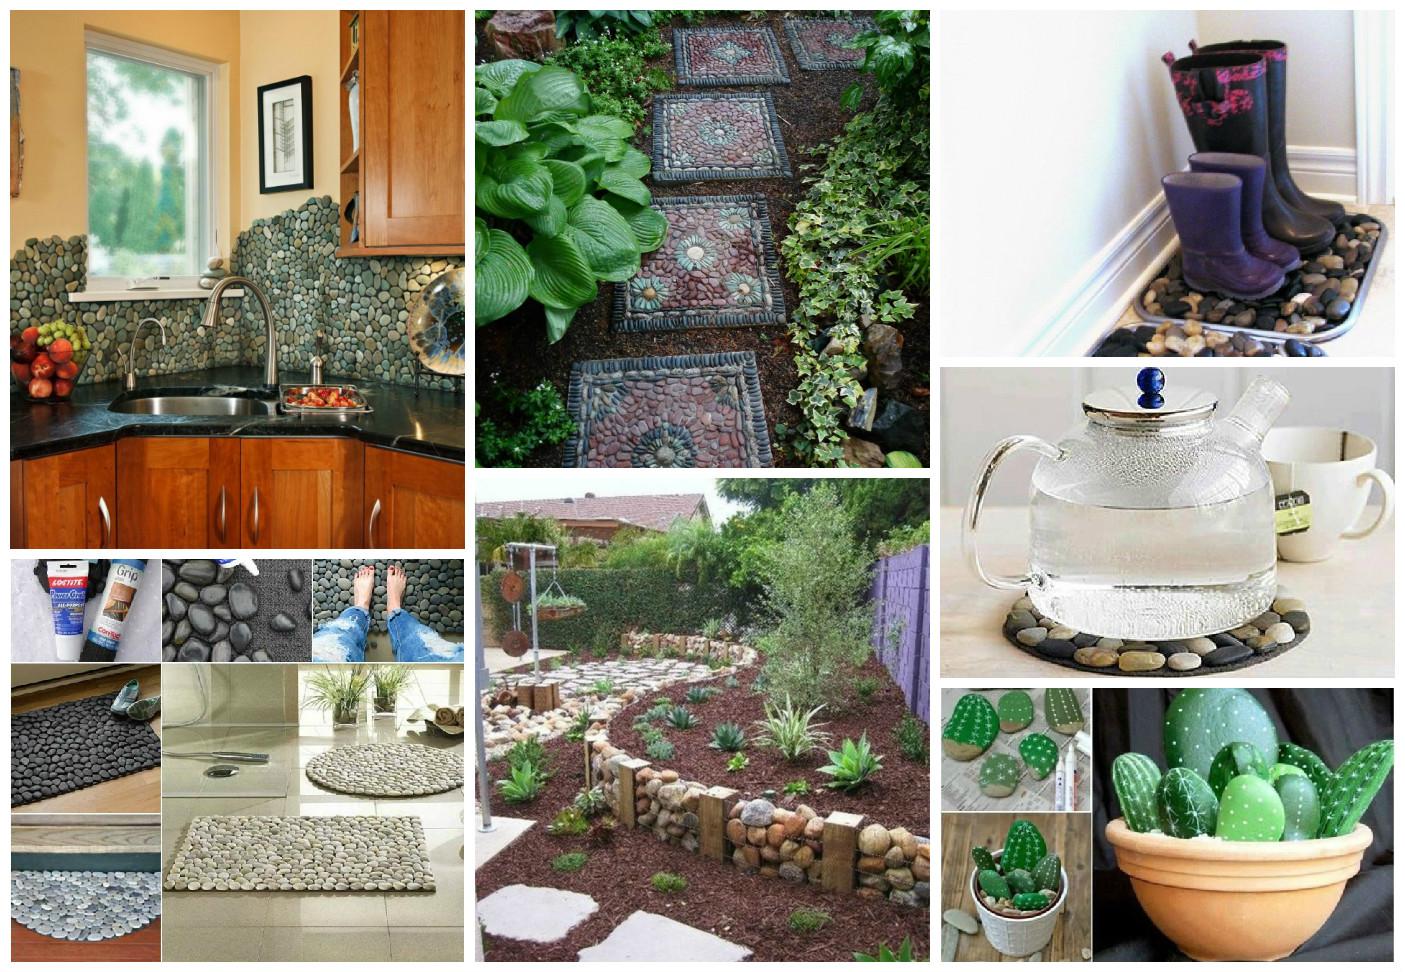 Sorprendentes ideas para decorar con piedras - Piedras para decorar ...